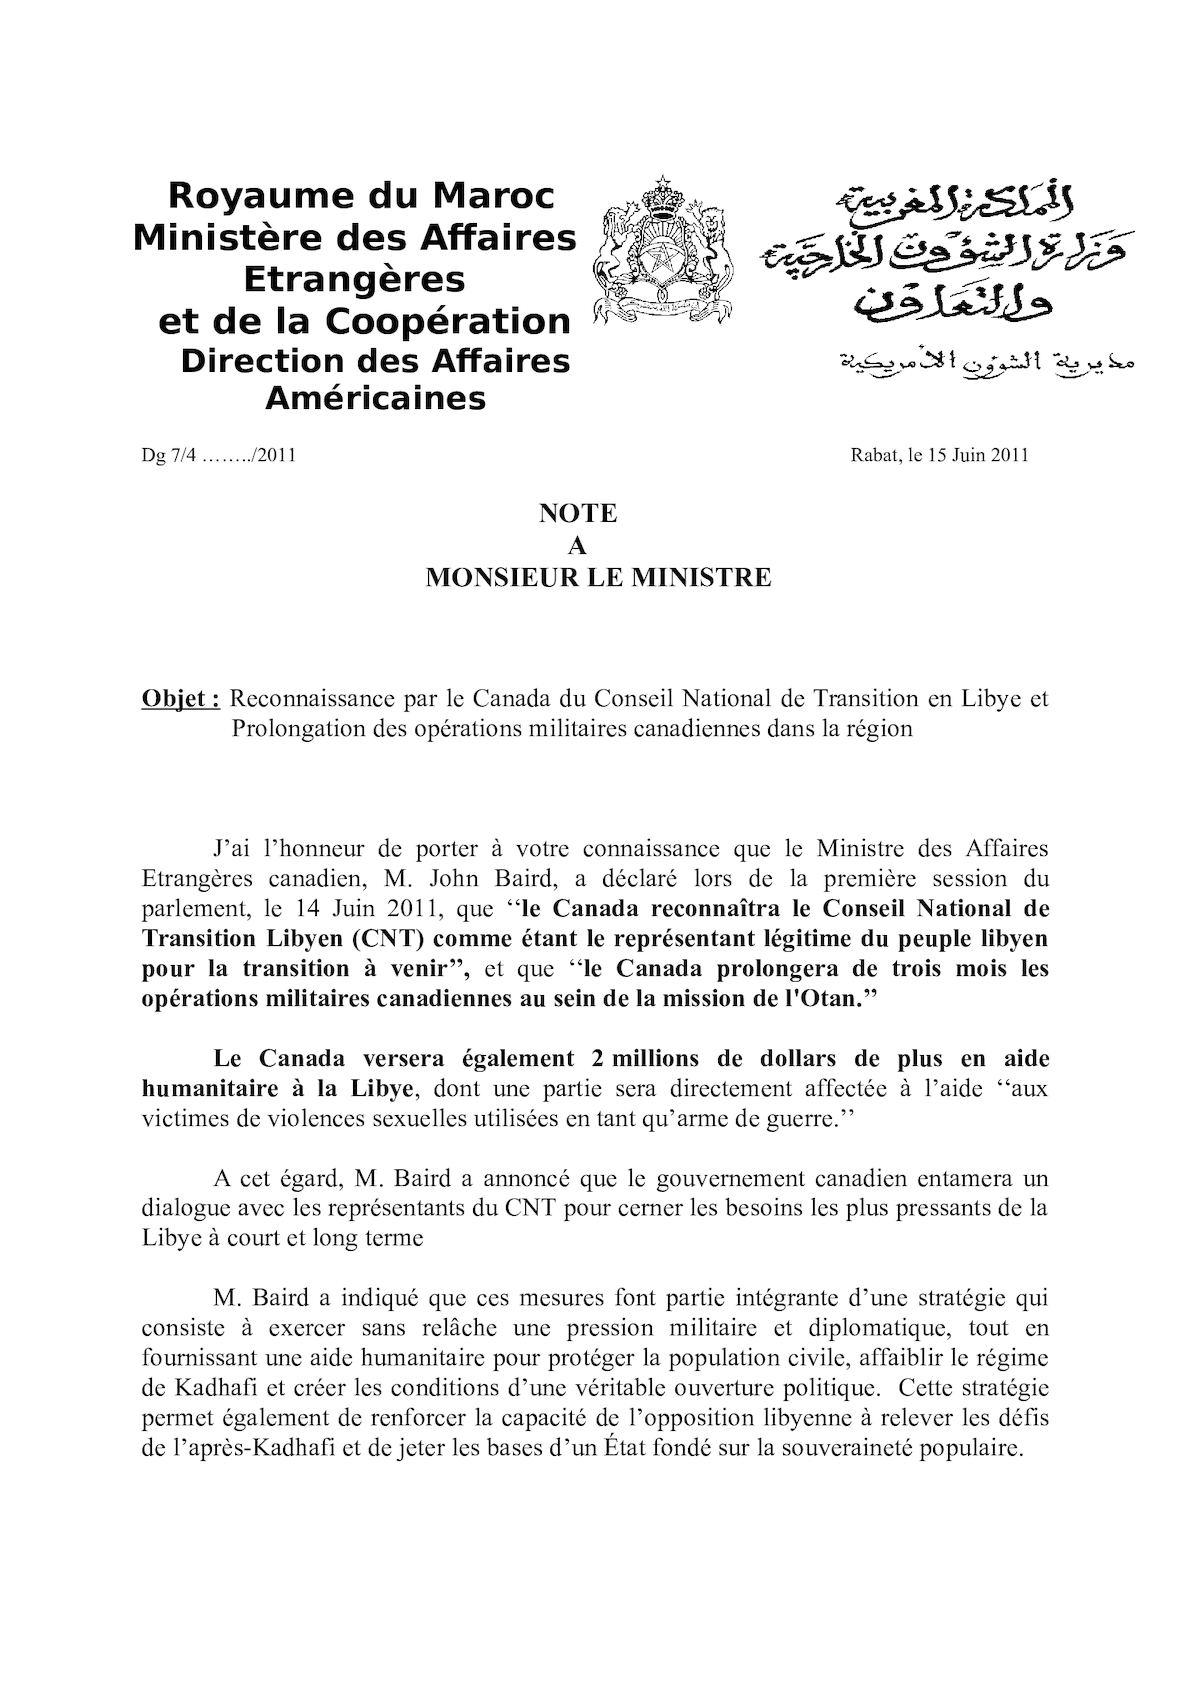 Note Sur La Reconnaissance De La CNT